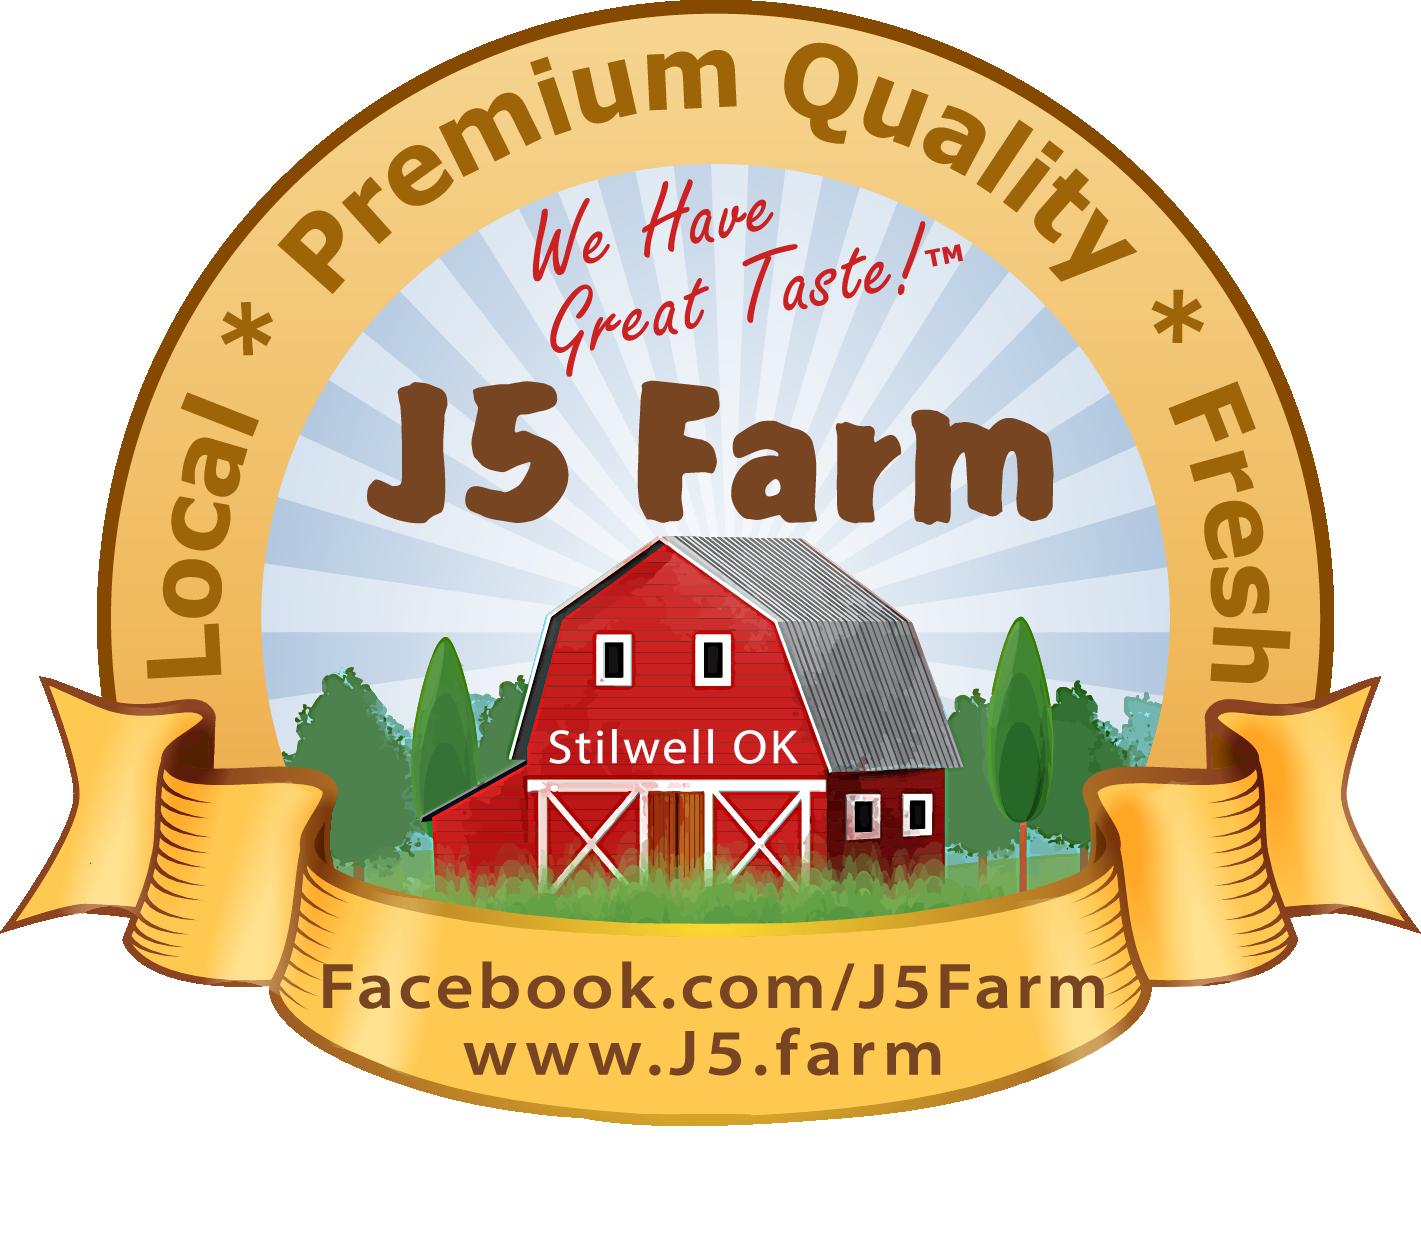 J5 Farm, LLC